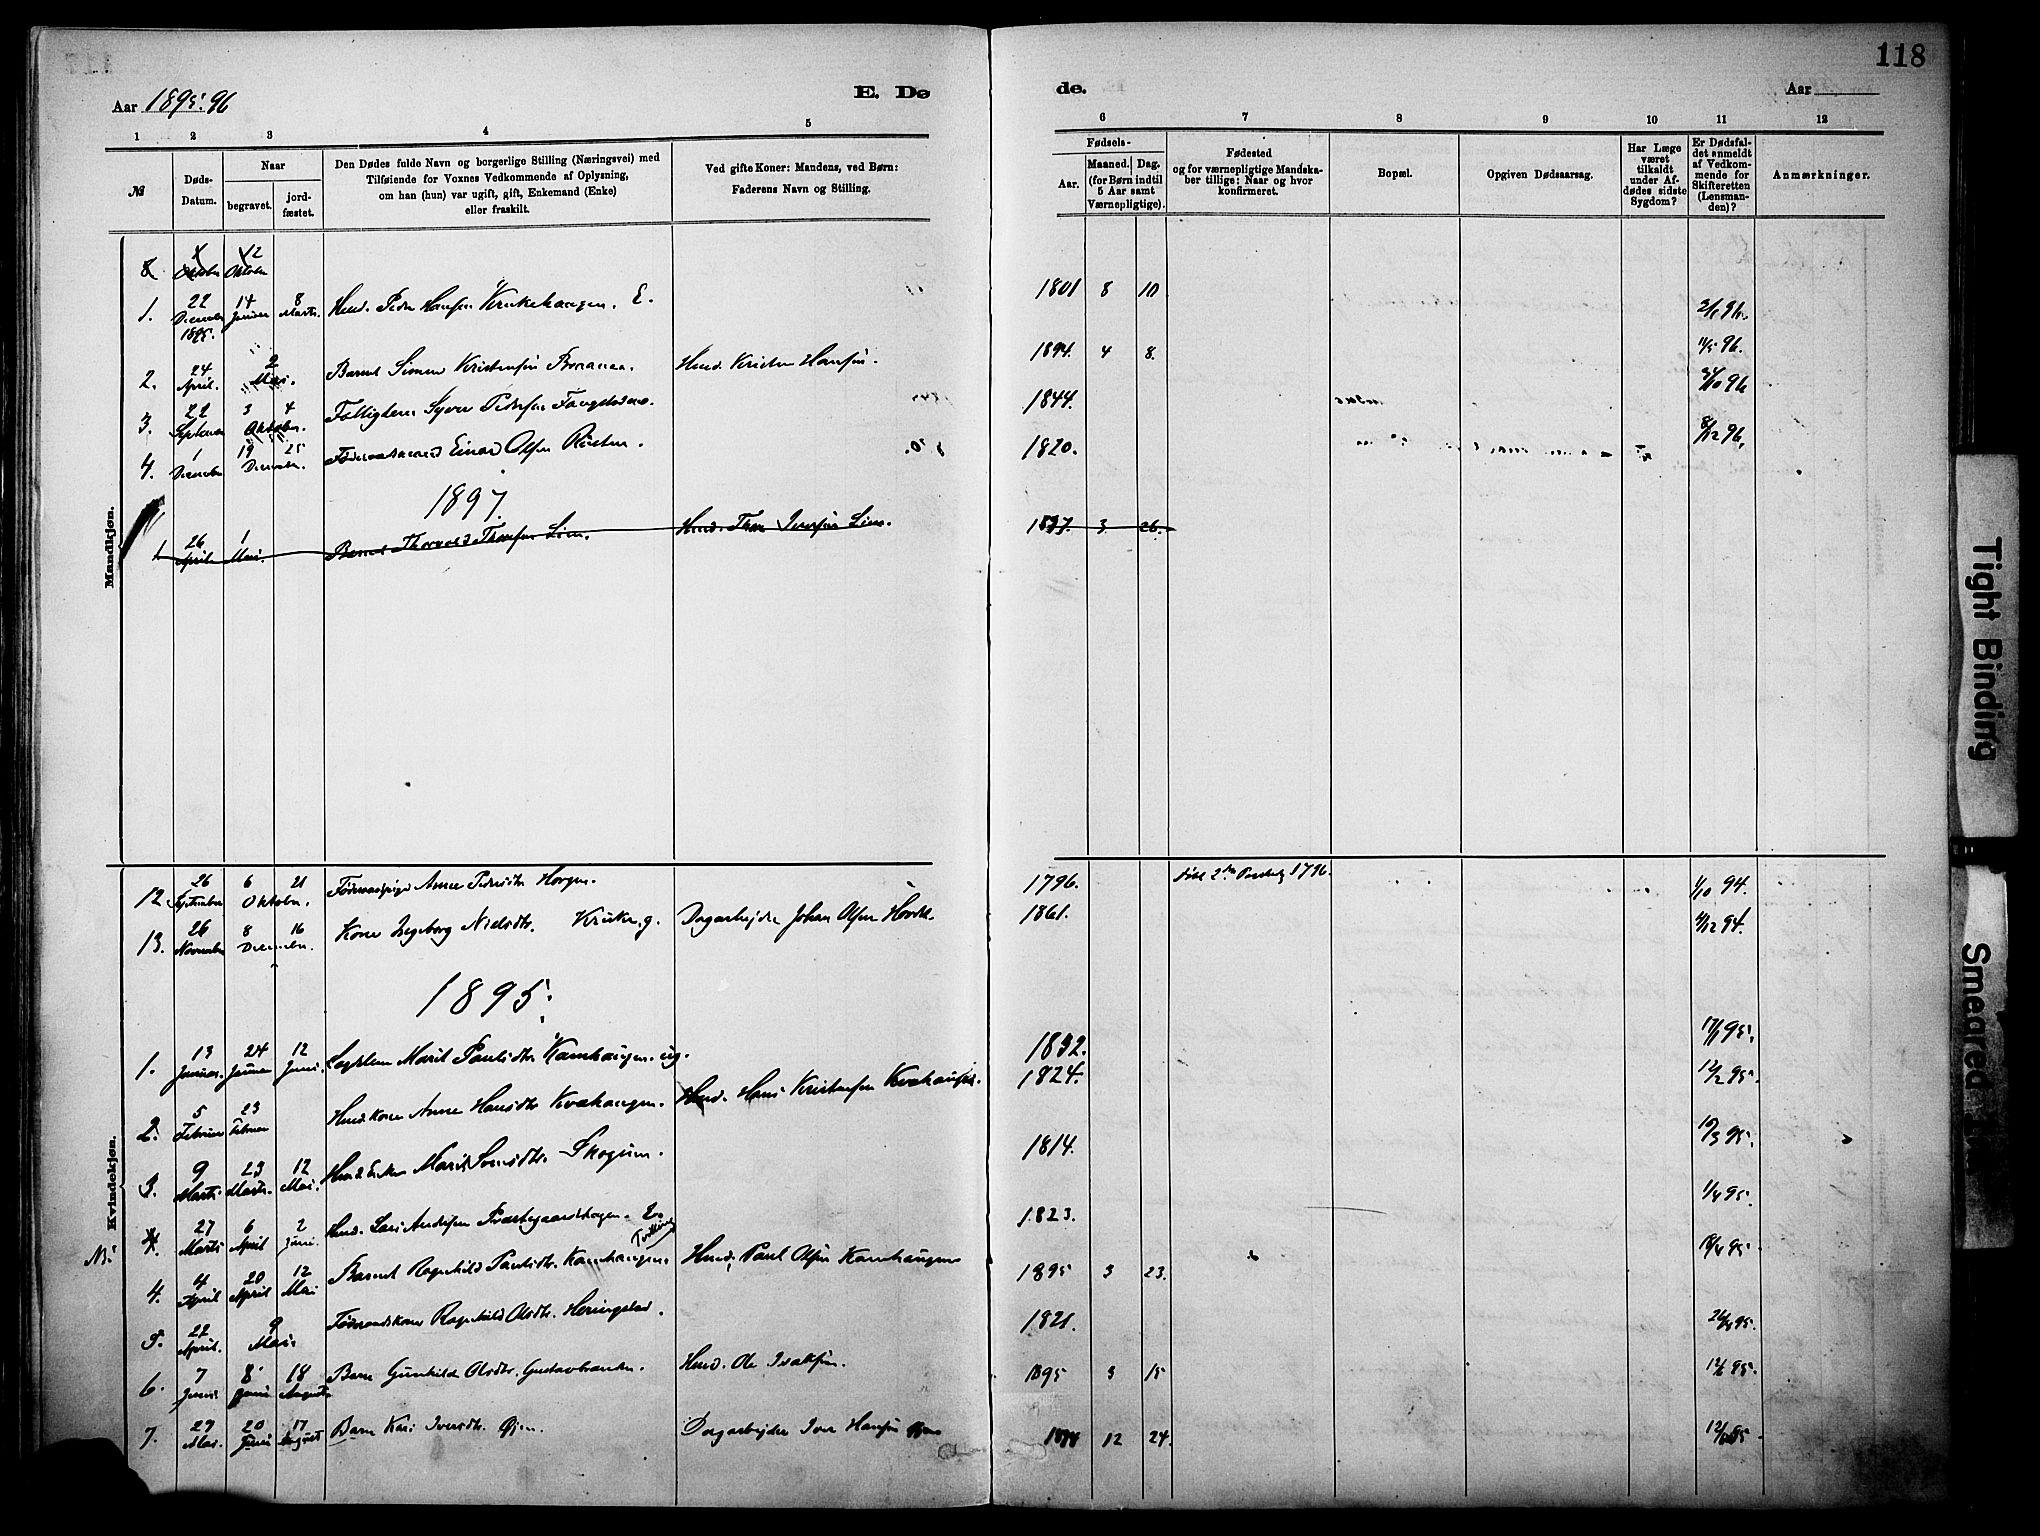 SAH, Vågå prestekontor, Parish register (official) no. 10, 1887-1904, p. 118